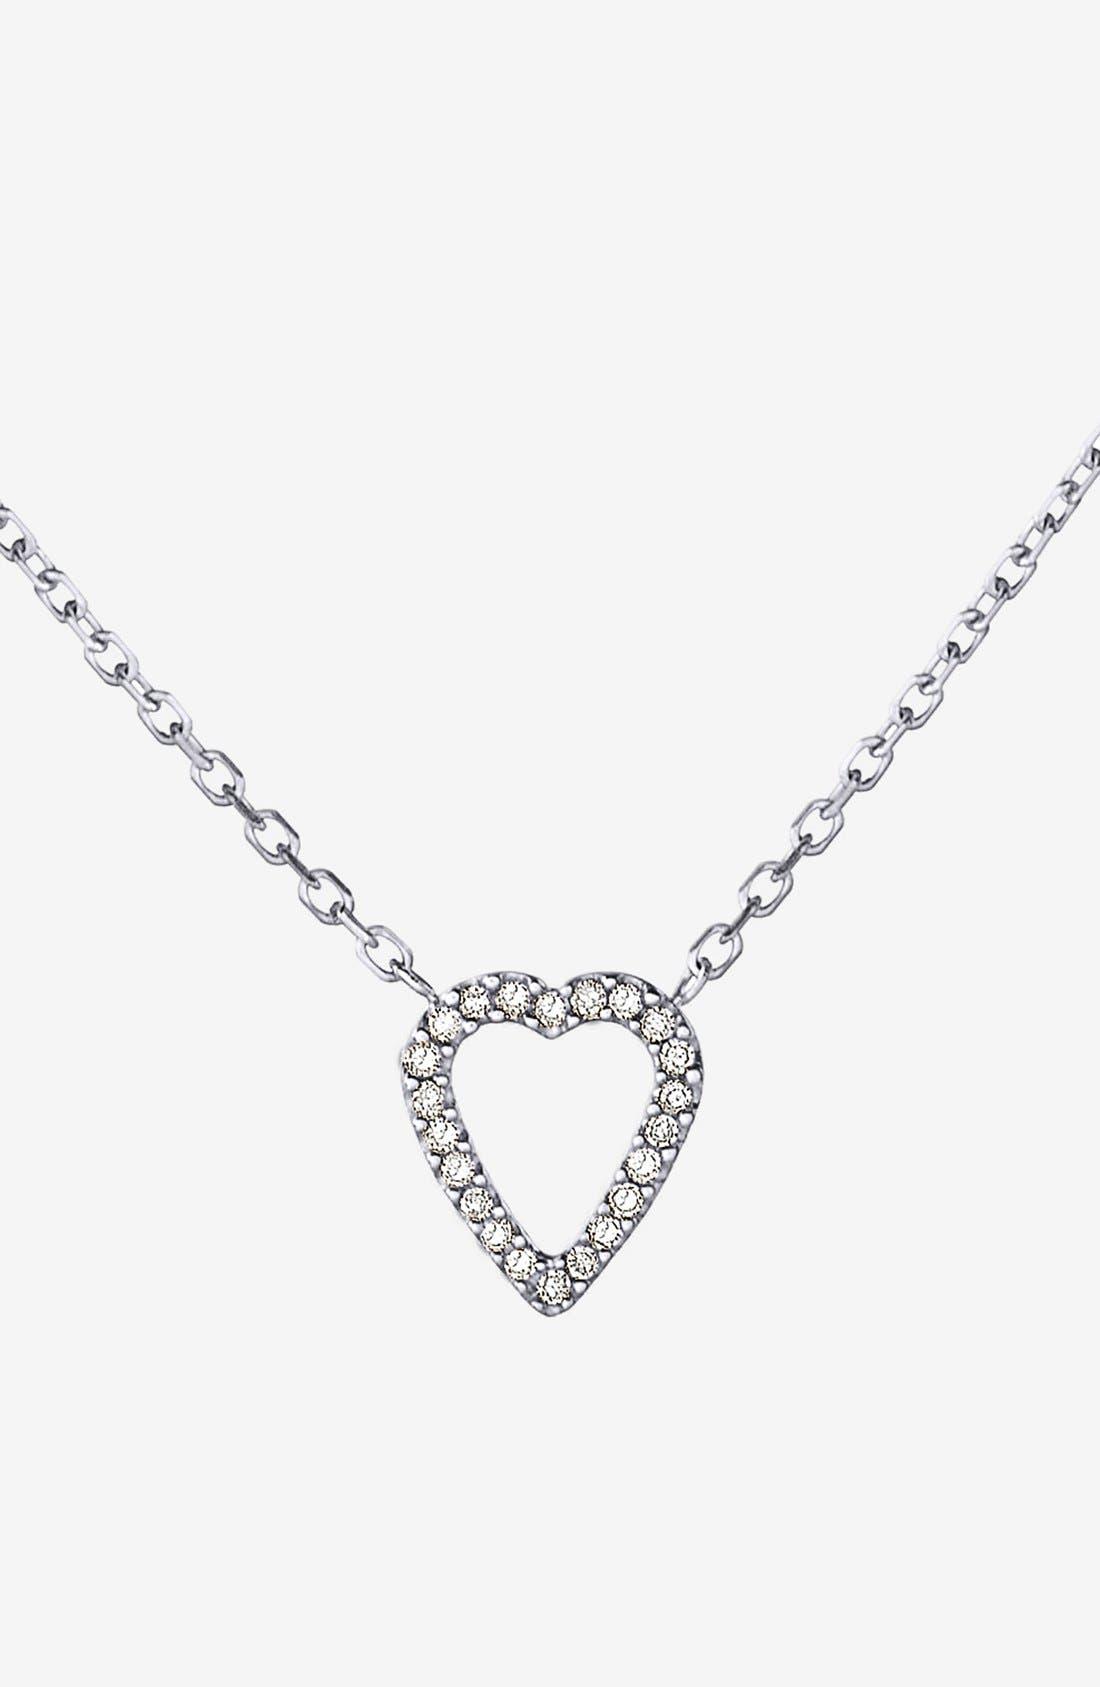 Main Image - Adina Reyter Pavé Diamond Heart Pendant Necklace (Online Only)